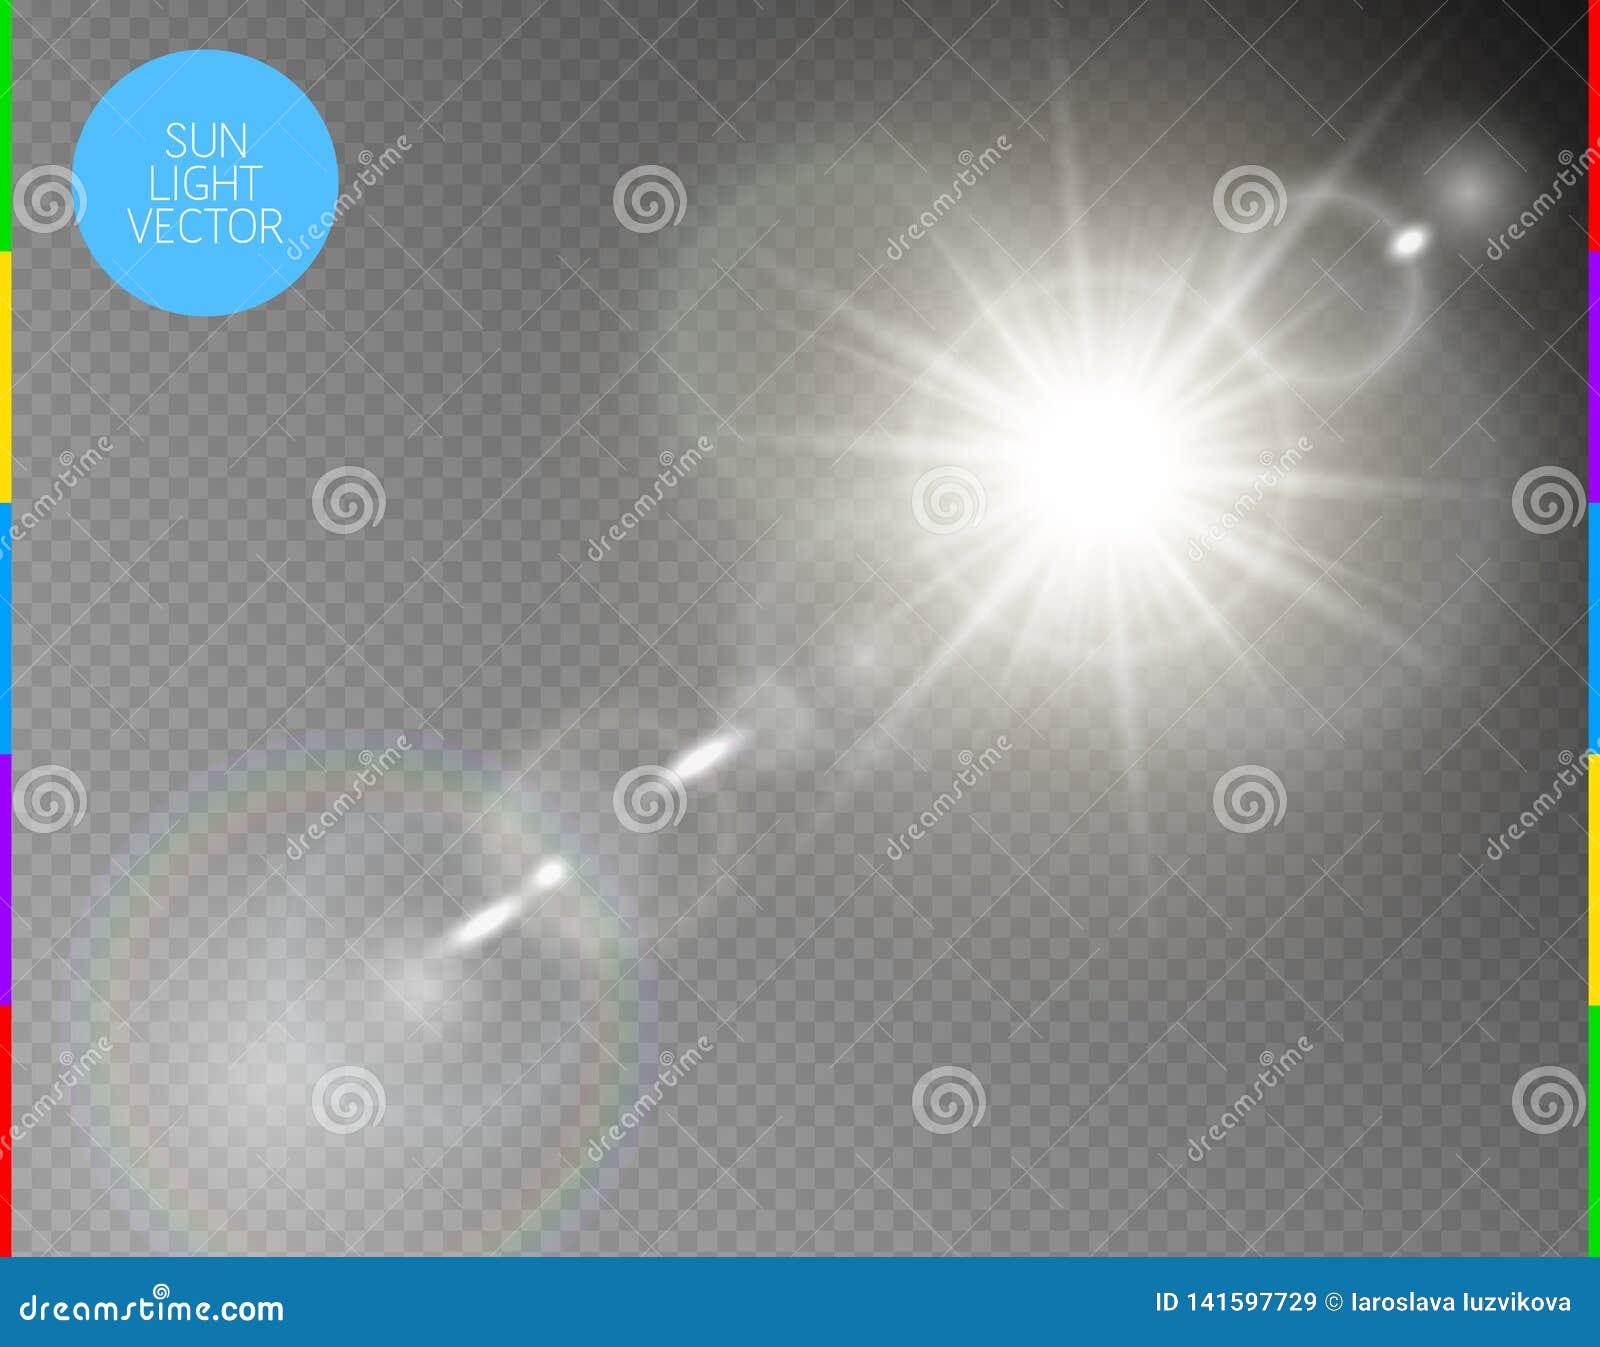 Vector transparant de gloed lichteffect van de zonlicht speciaal lens De de geïsoleerde stralen en schijnwerper van de zonflits W